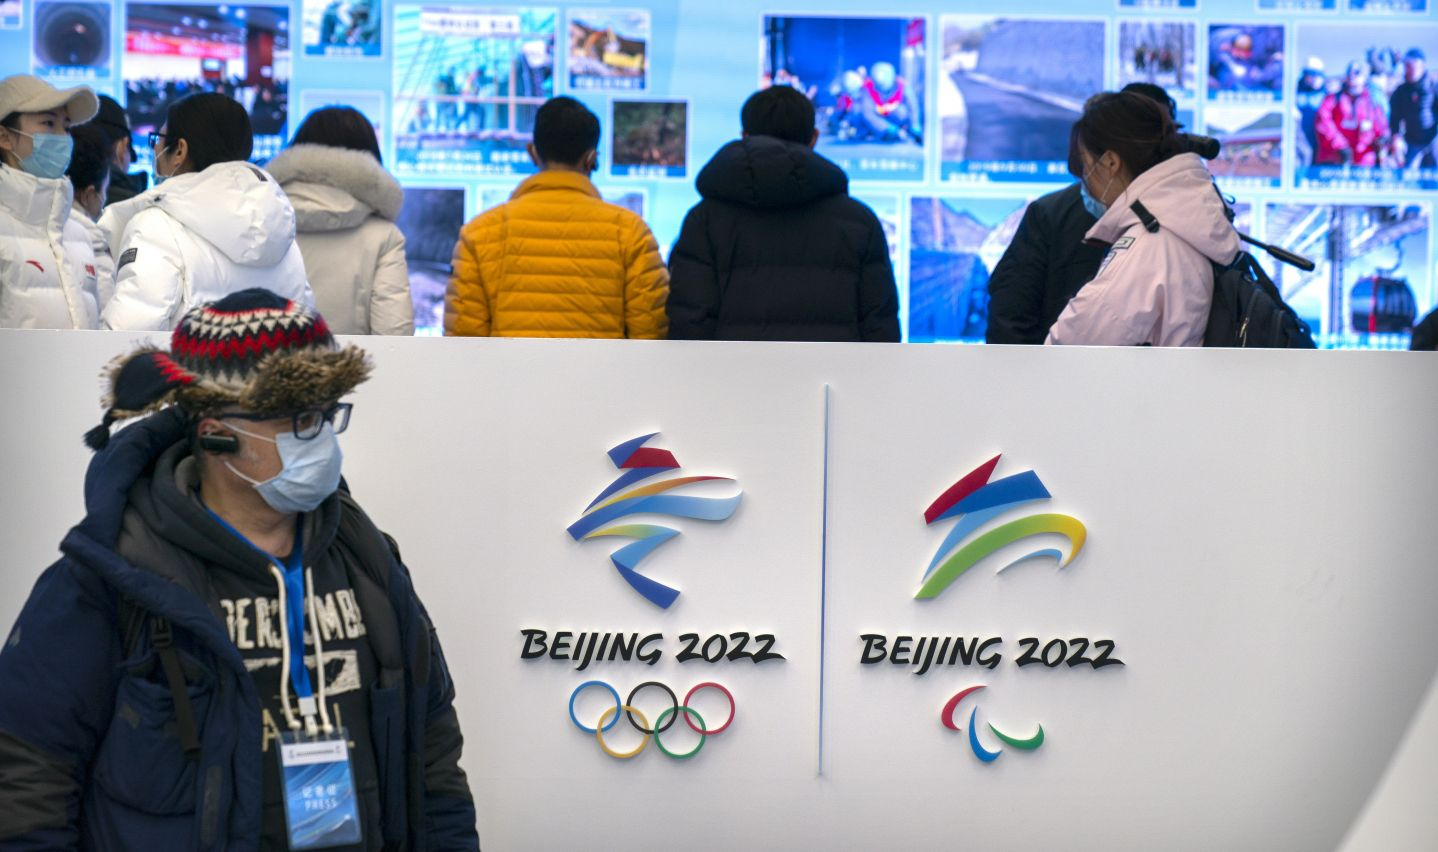 le boycott ou non des Jeux Olympiques d'hiver de Beijing